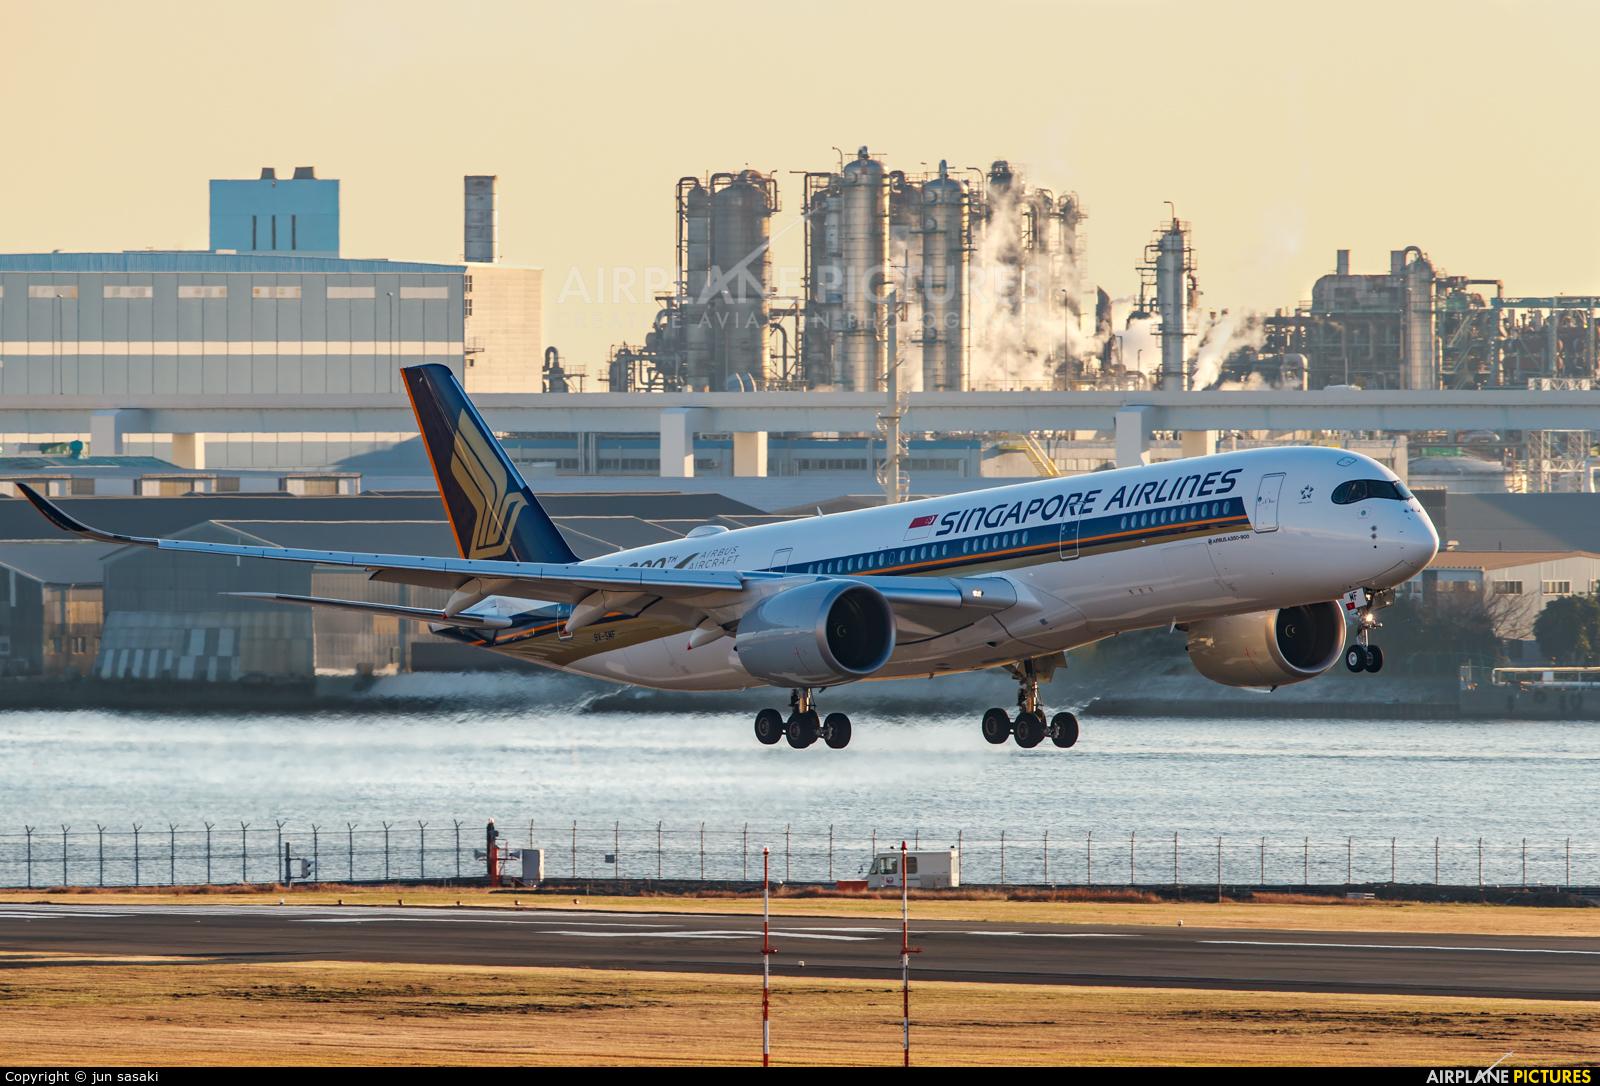 Singapore Airlines 9V-SMF aircraft at Tokyo - Haneda Intl